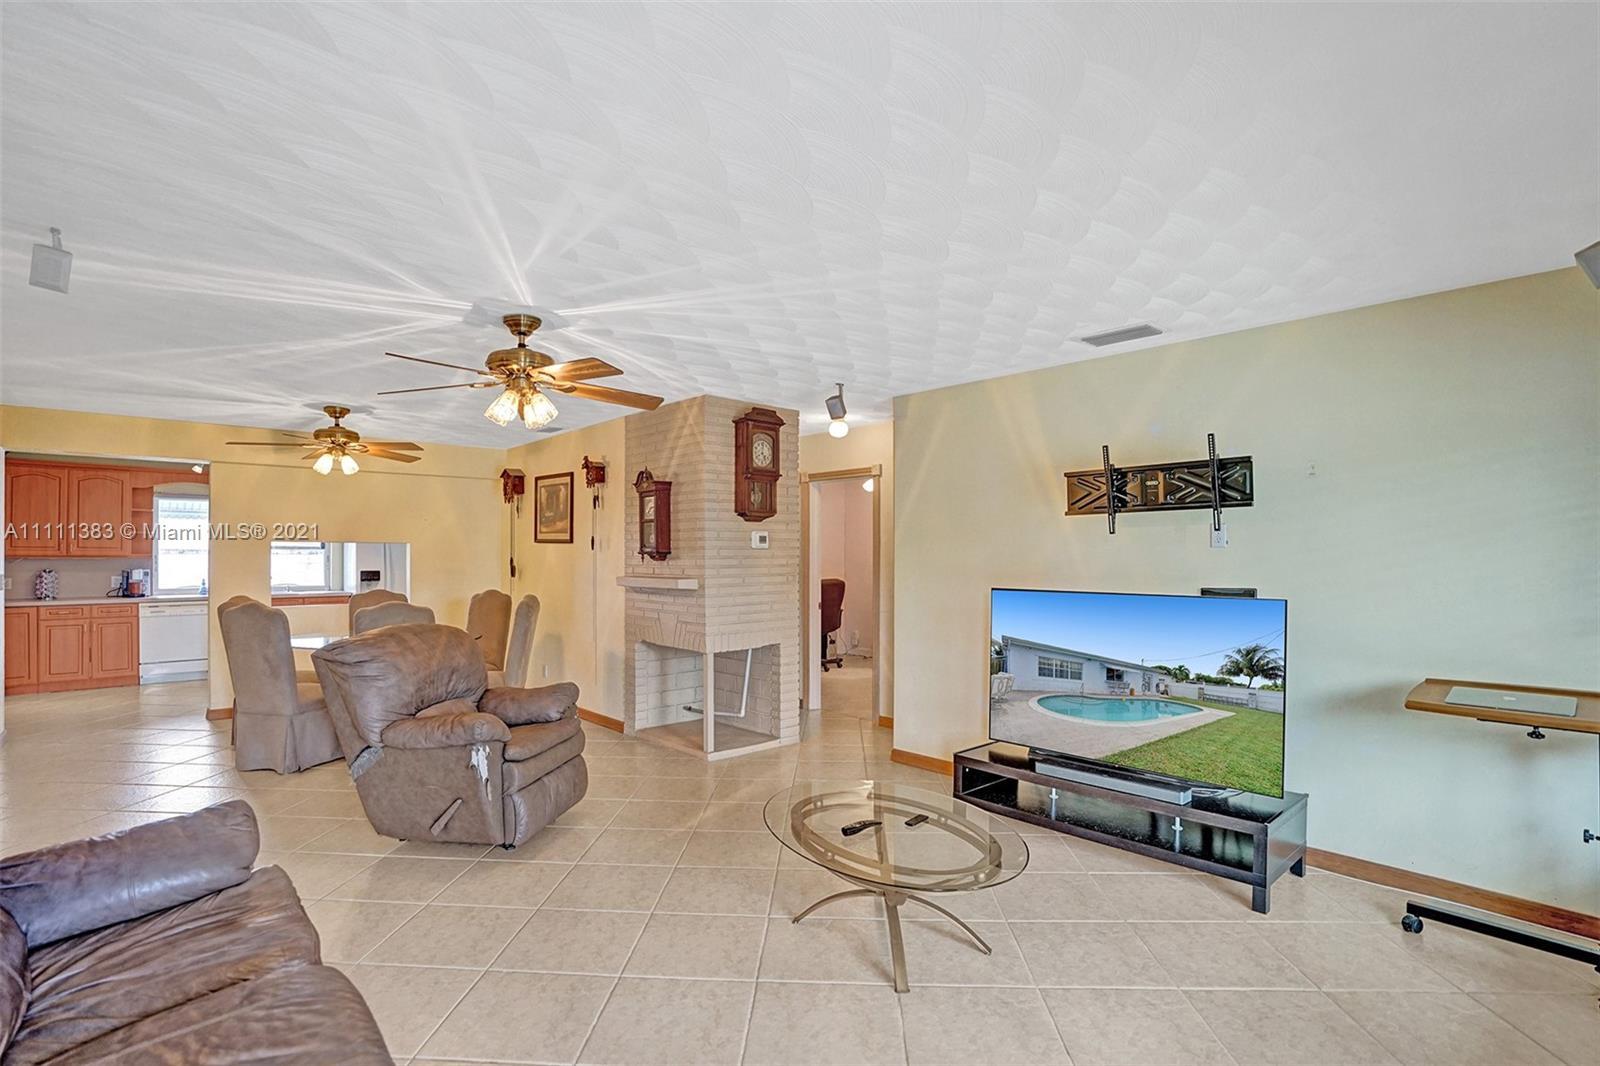 6461 Harding St, Hollywood, Florida image 36